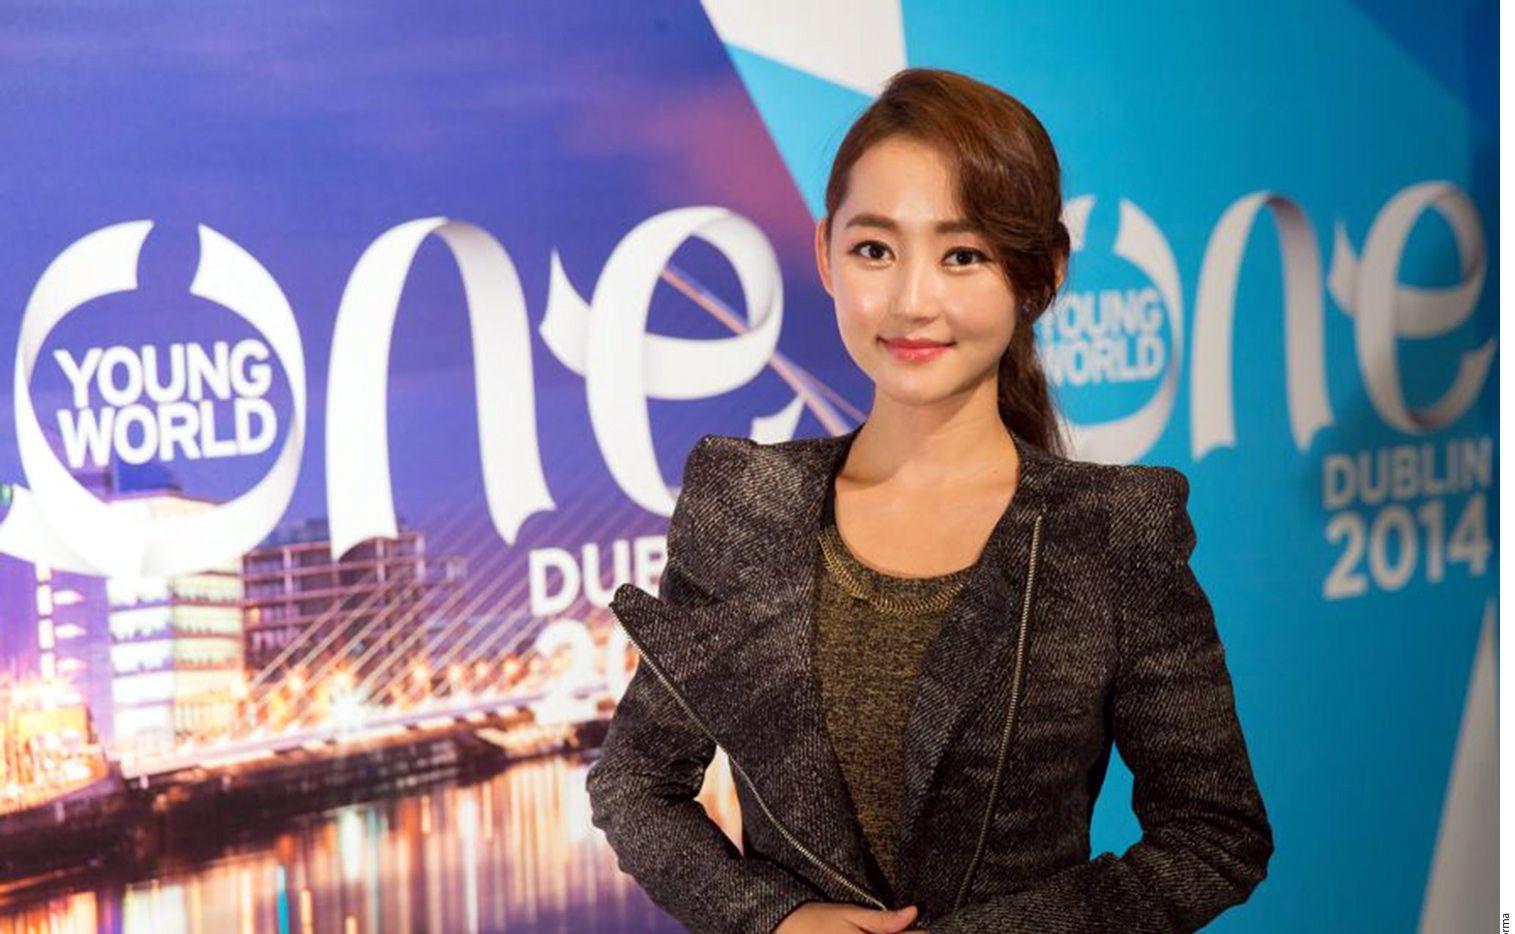 Con sólo 13 años, Yeonmi Park cruzó desiertos, ríos y fue vendida por traficantes en su intento de dejar atrás Corea del Norte./AGENCIA REFORMA